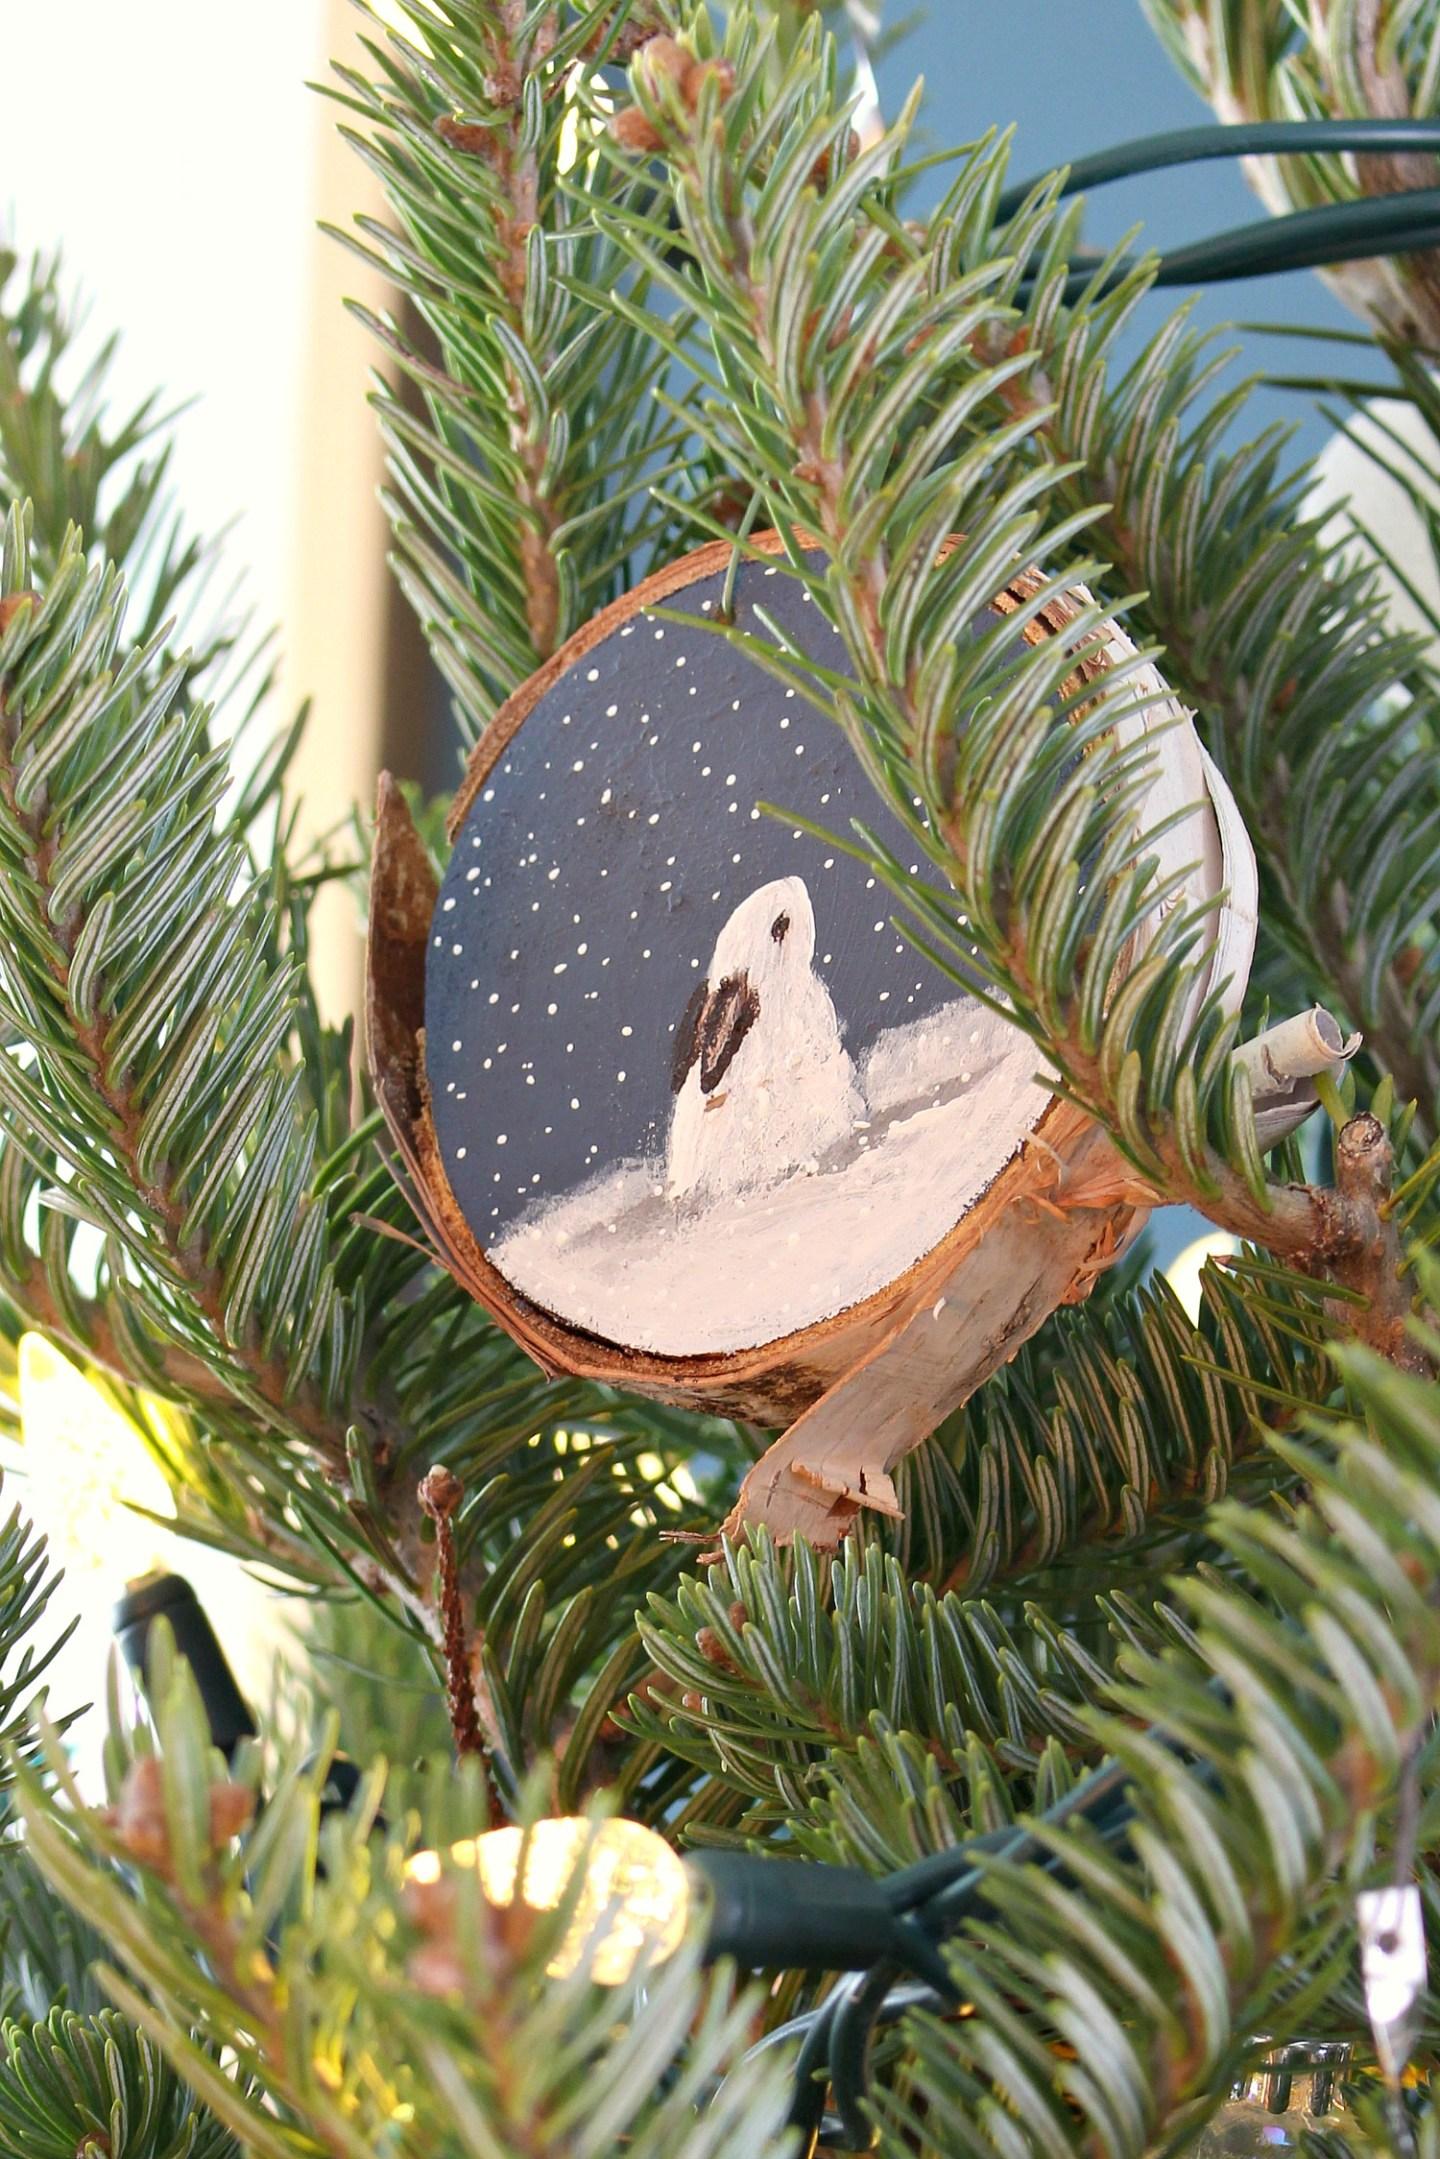 Bunny Themed Tree Ornament